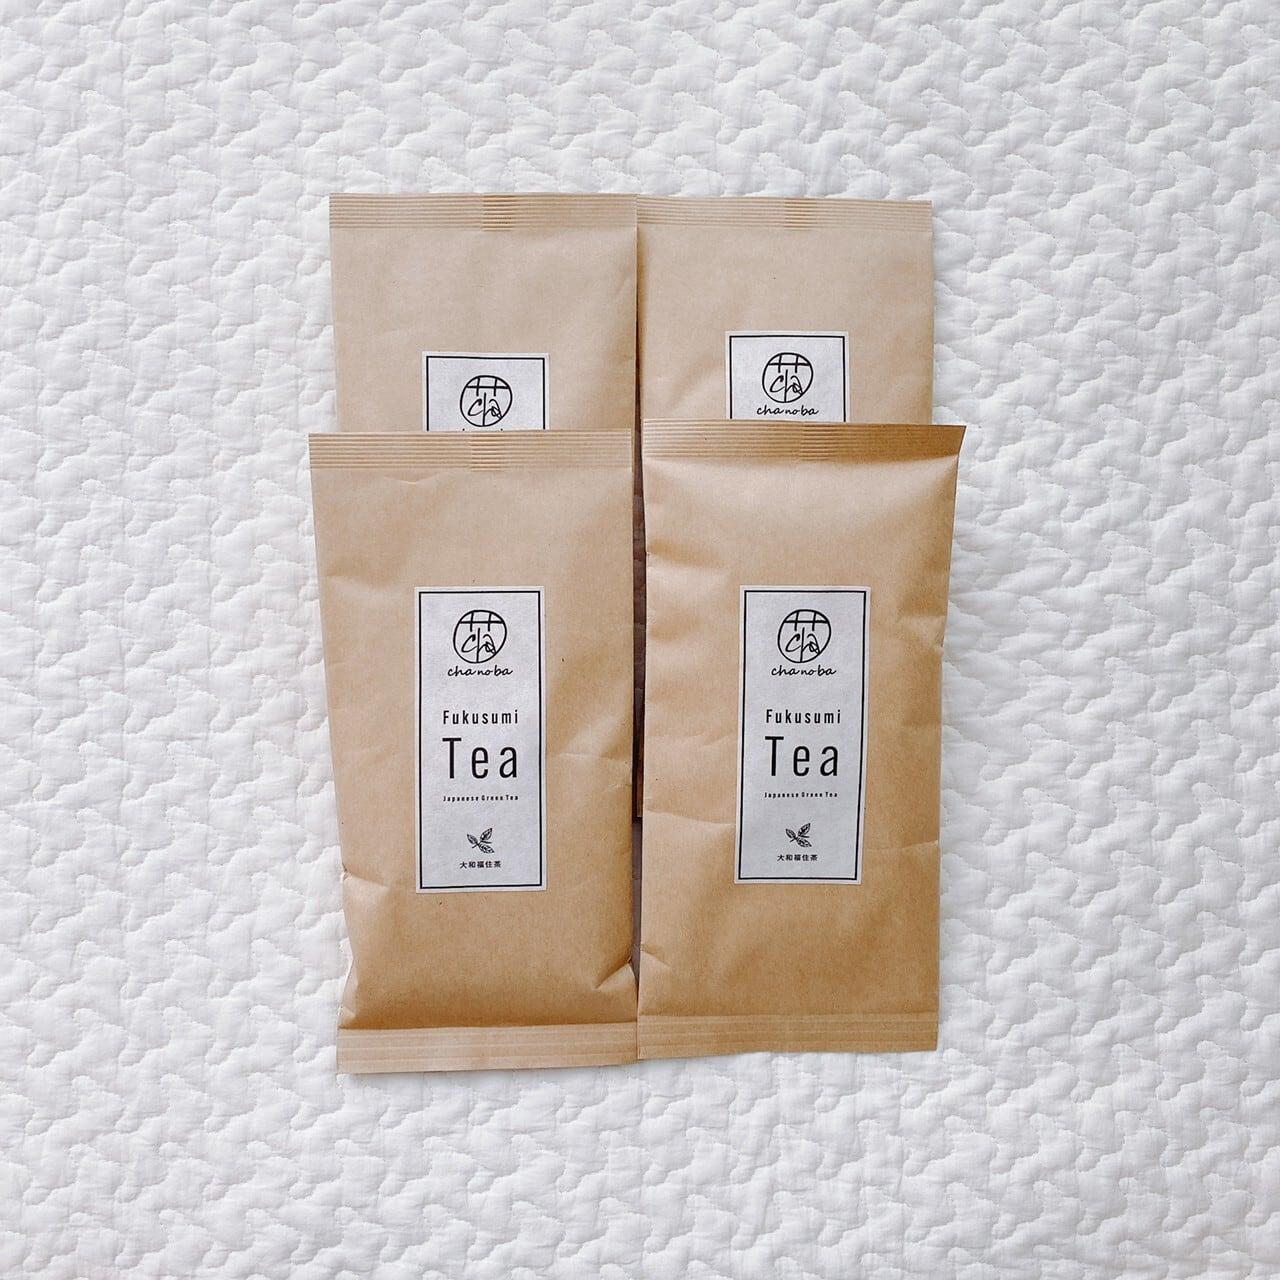 大和福住茶 4本セット【送料無料】